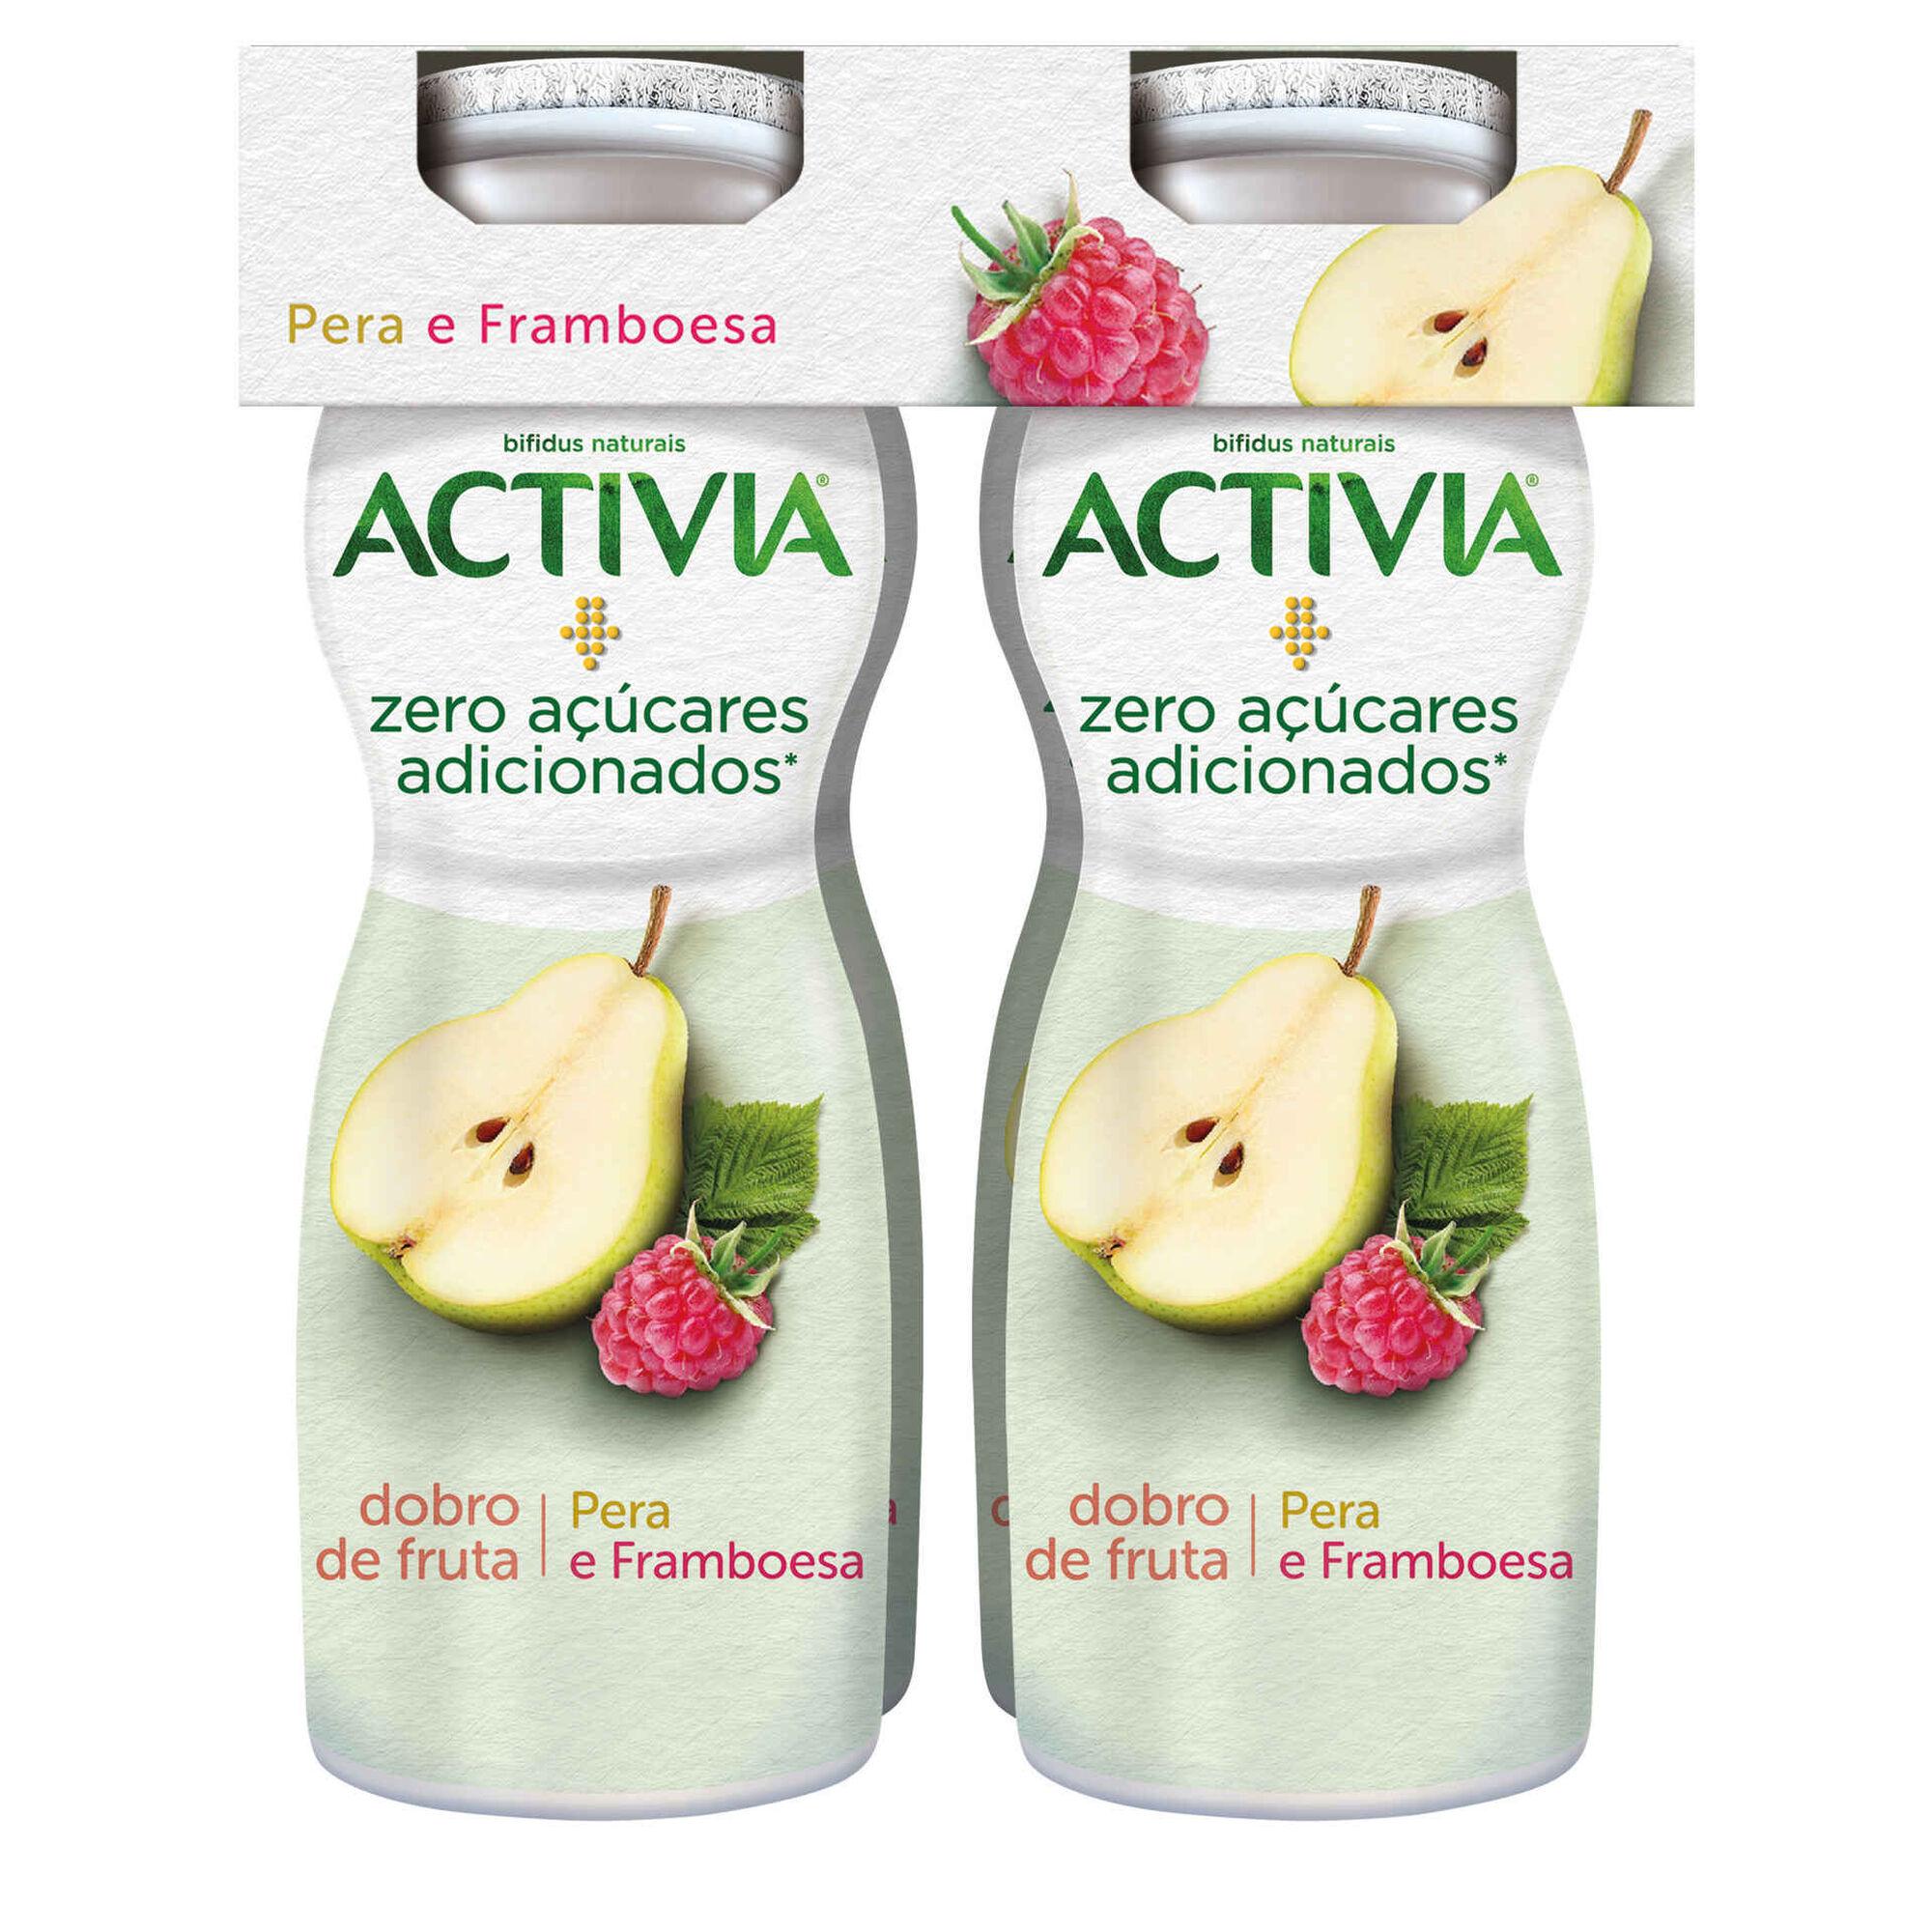 Iogurte Líquido Bifidus Pera e Framboesa Activia sem Açúcar